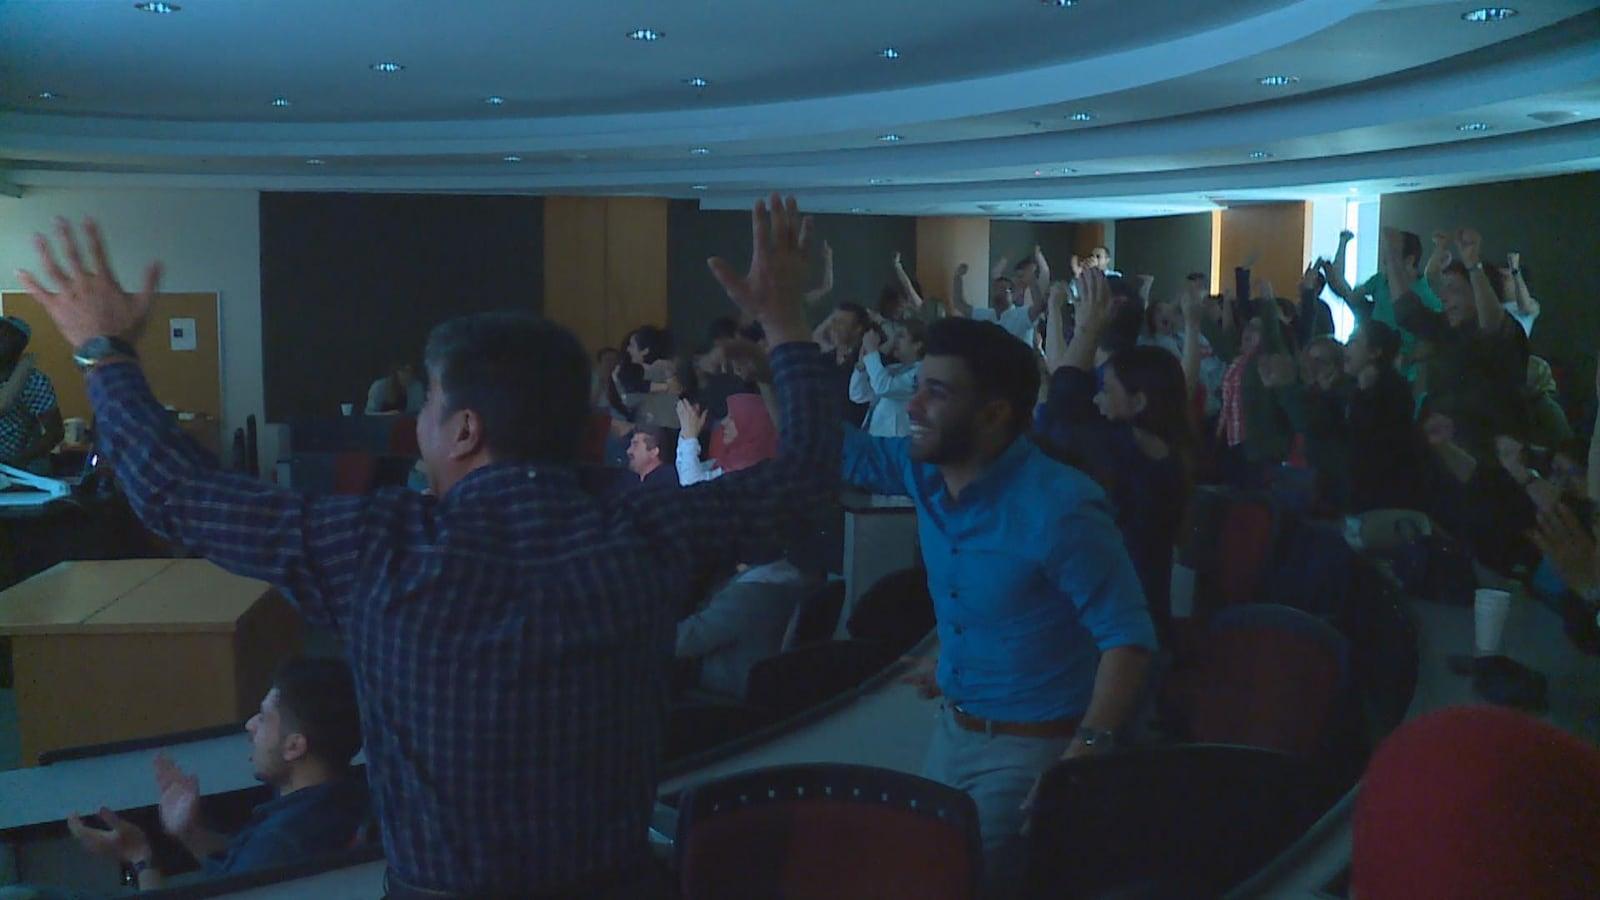 Quelques dizaines de partisans crient de joie lors du match opposant l'Iran au Maroc.